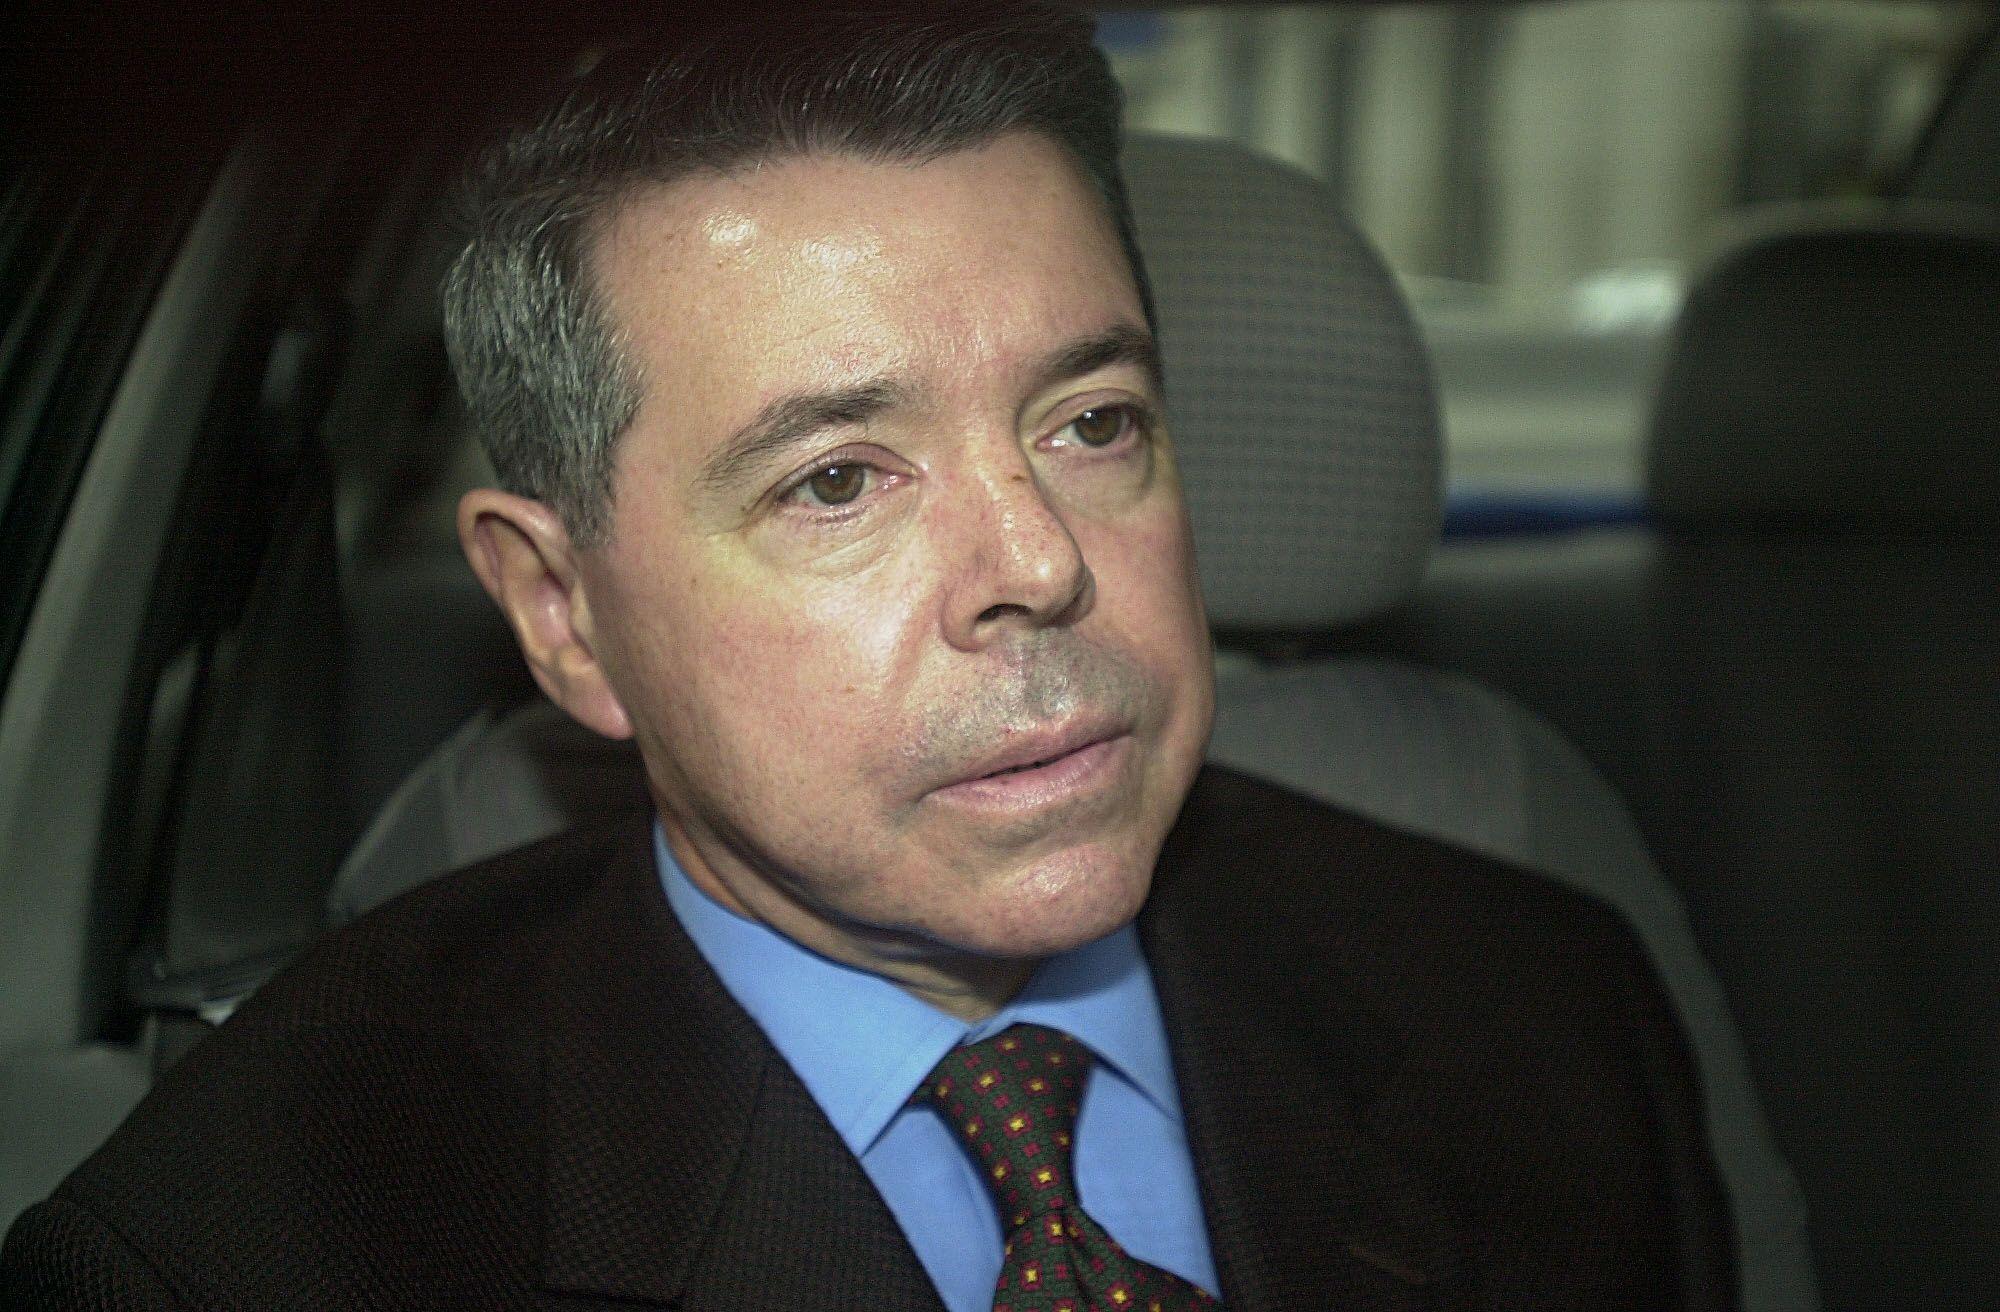 El fiscal Federico Delgado denunció al juez Oyarbide por falso testimonio